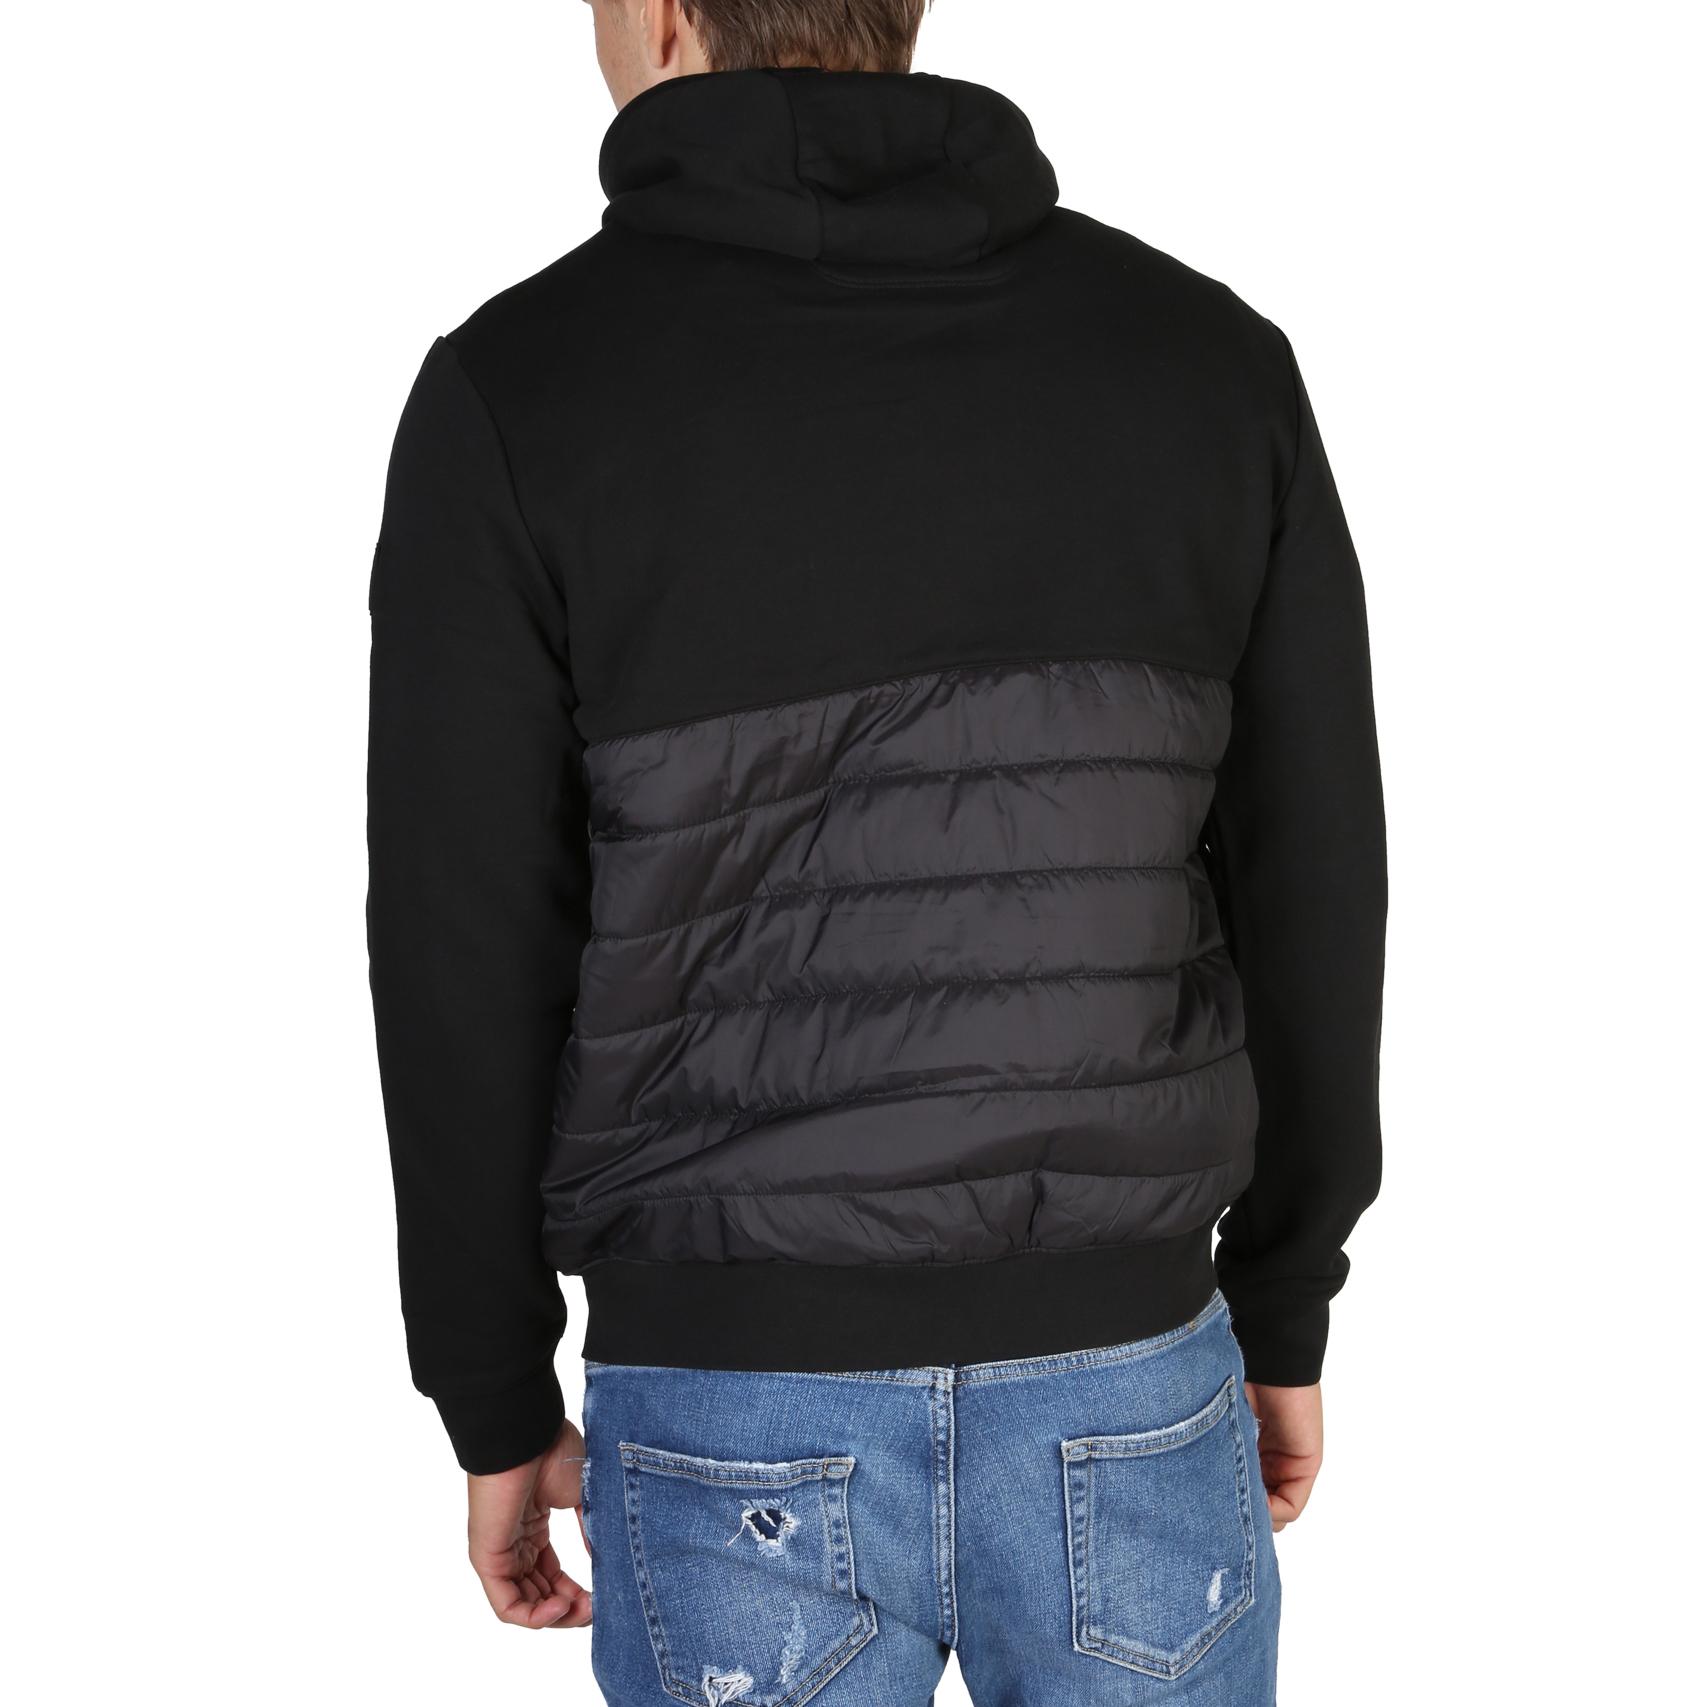 Vestes zippées  Hackett HM580711_999 black